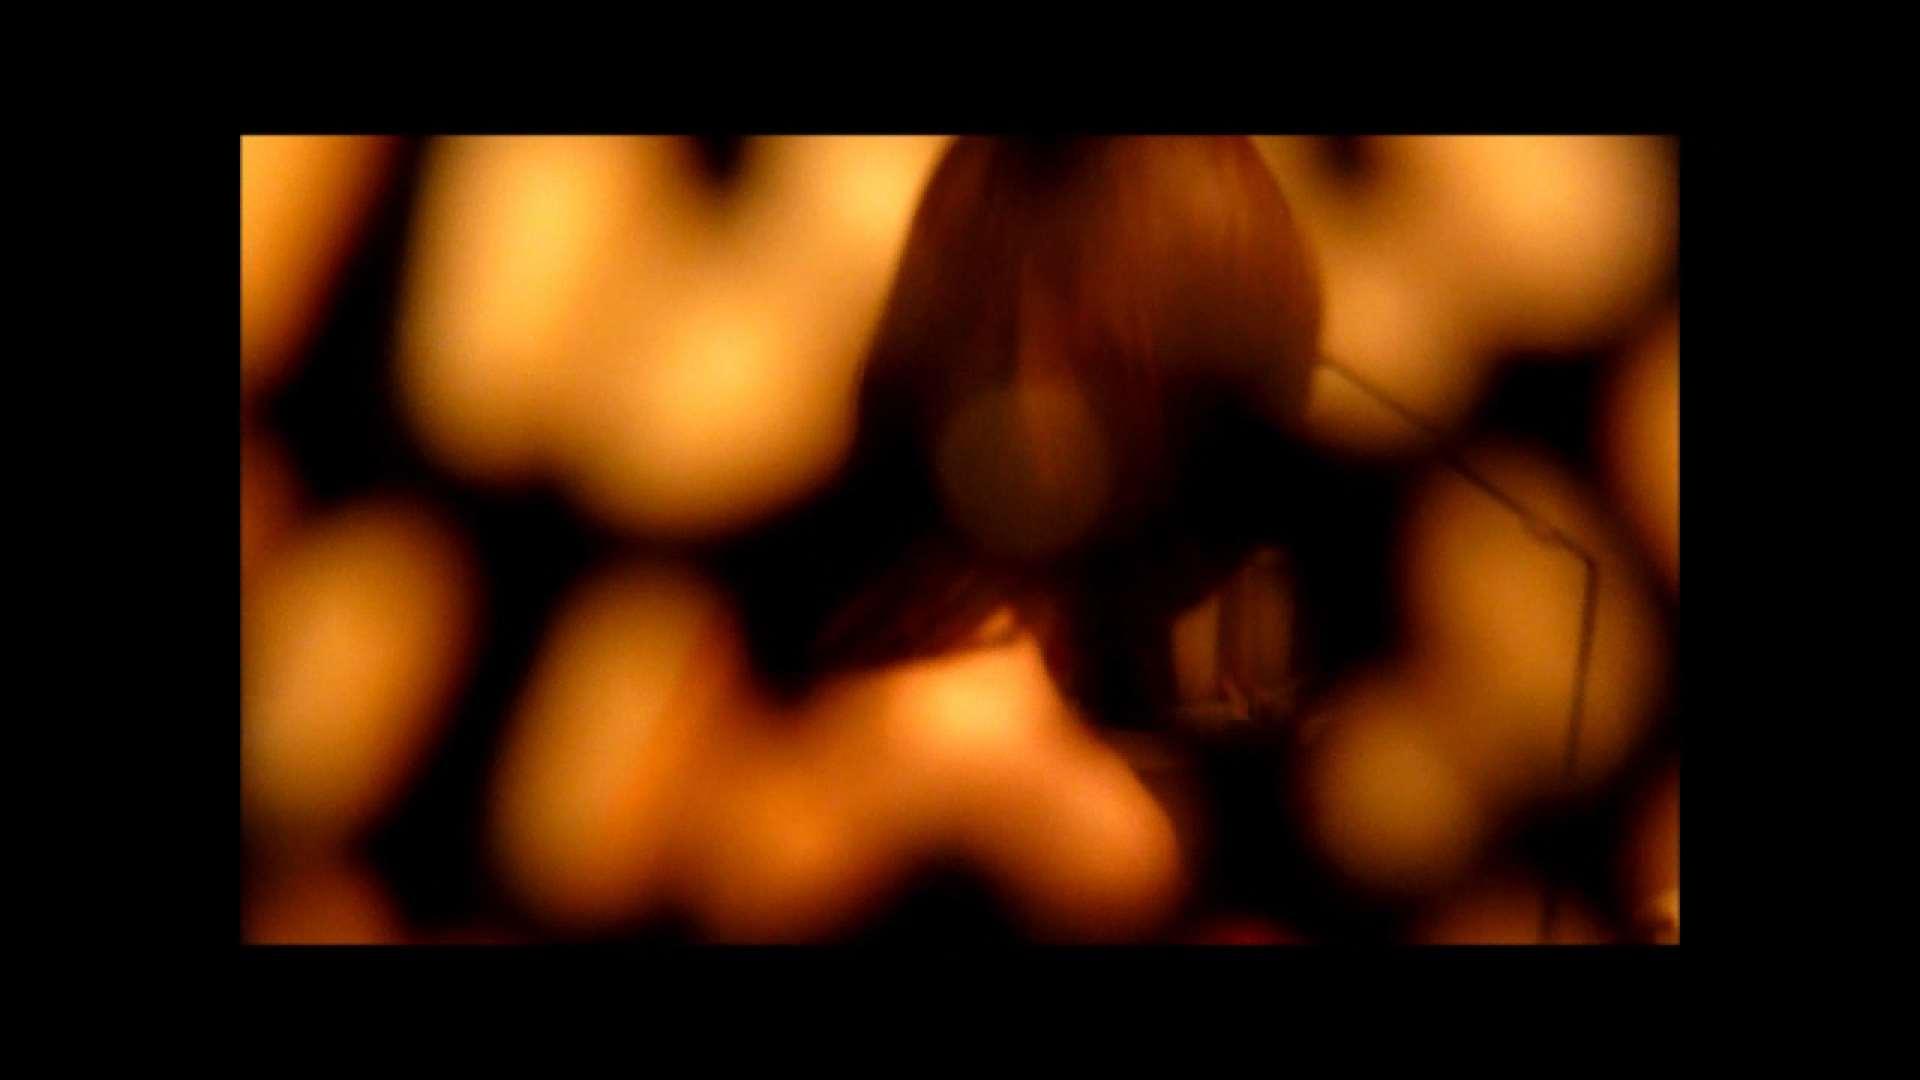 【02】ベランダに侵入して張り込みを始めて・・・やっと結果が出ました。 モロだしオマンコ   盗撮師作品  79pic 1